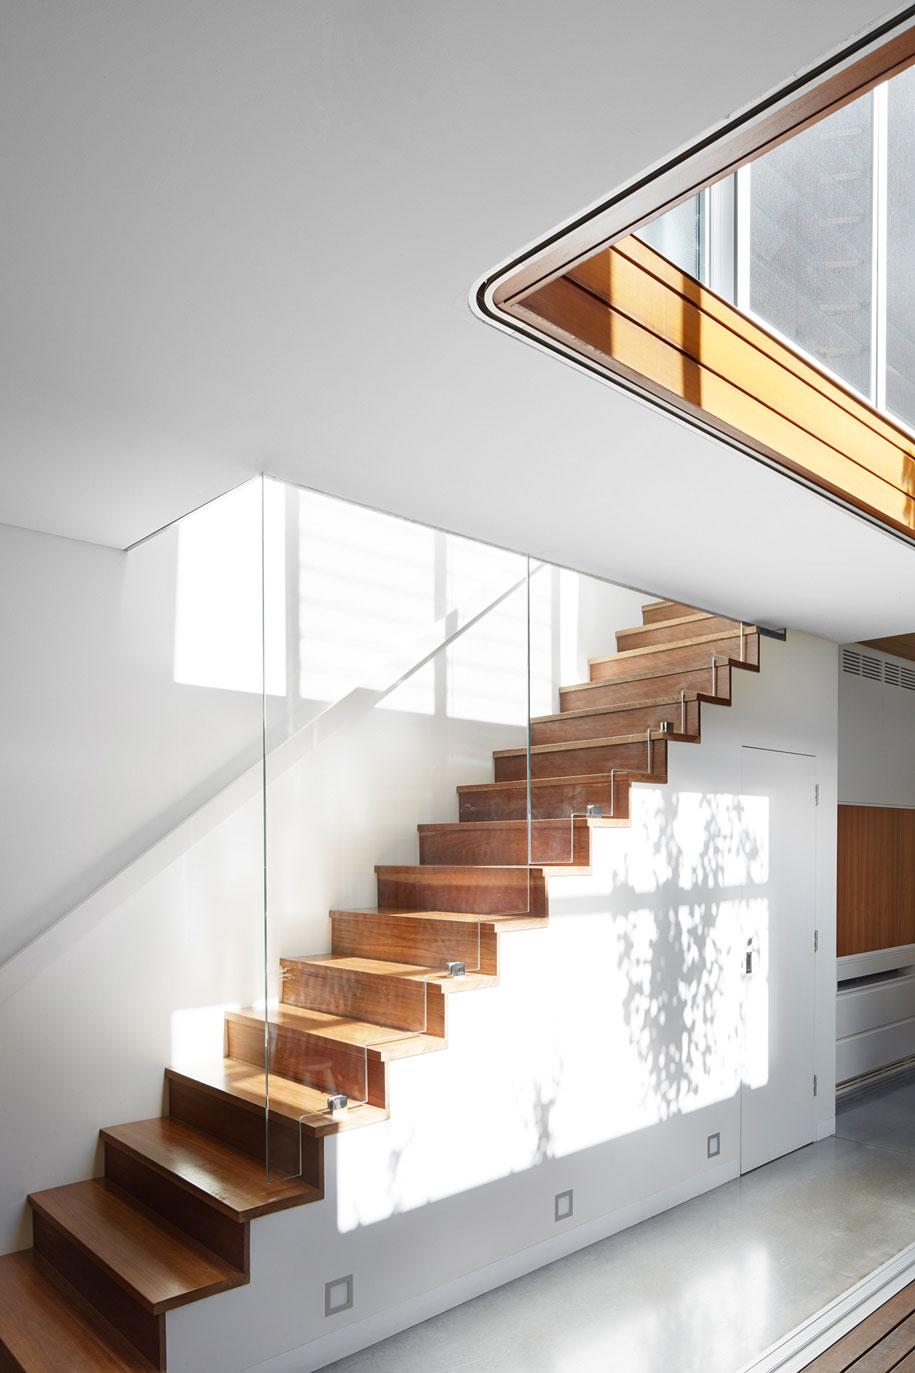 Elaine-Richardson-Architects-Habitus-Living-08